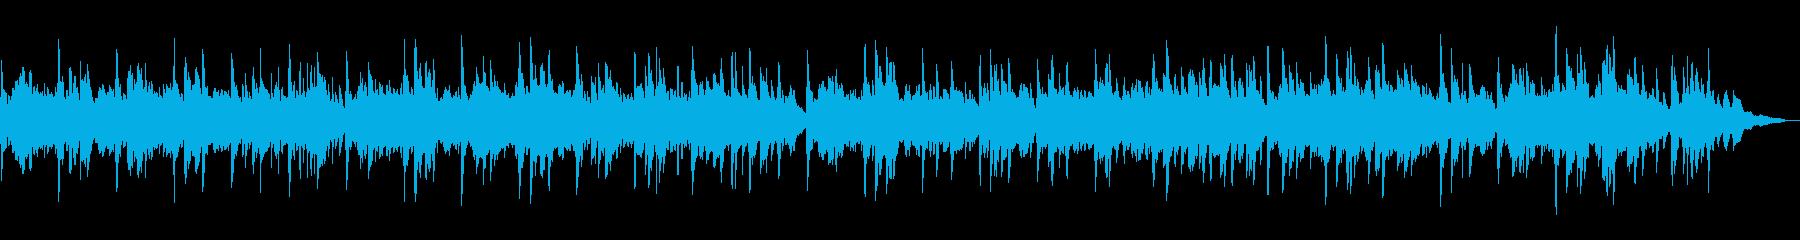 シンプルで飽きが来ない 癒しのピアノソロの再生済みの波形